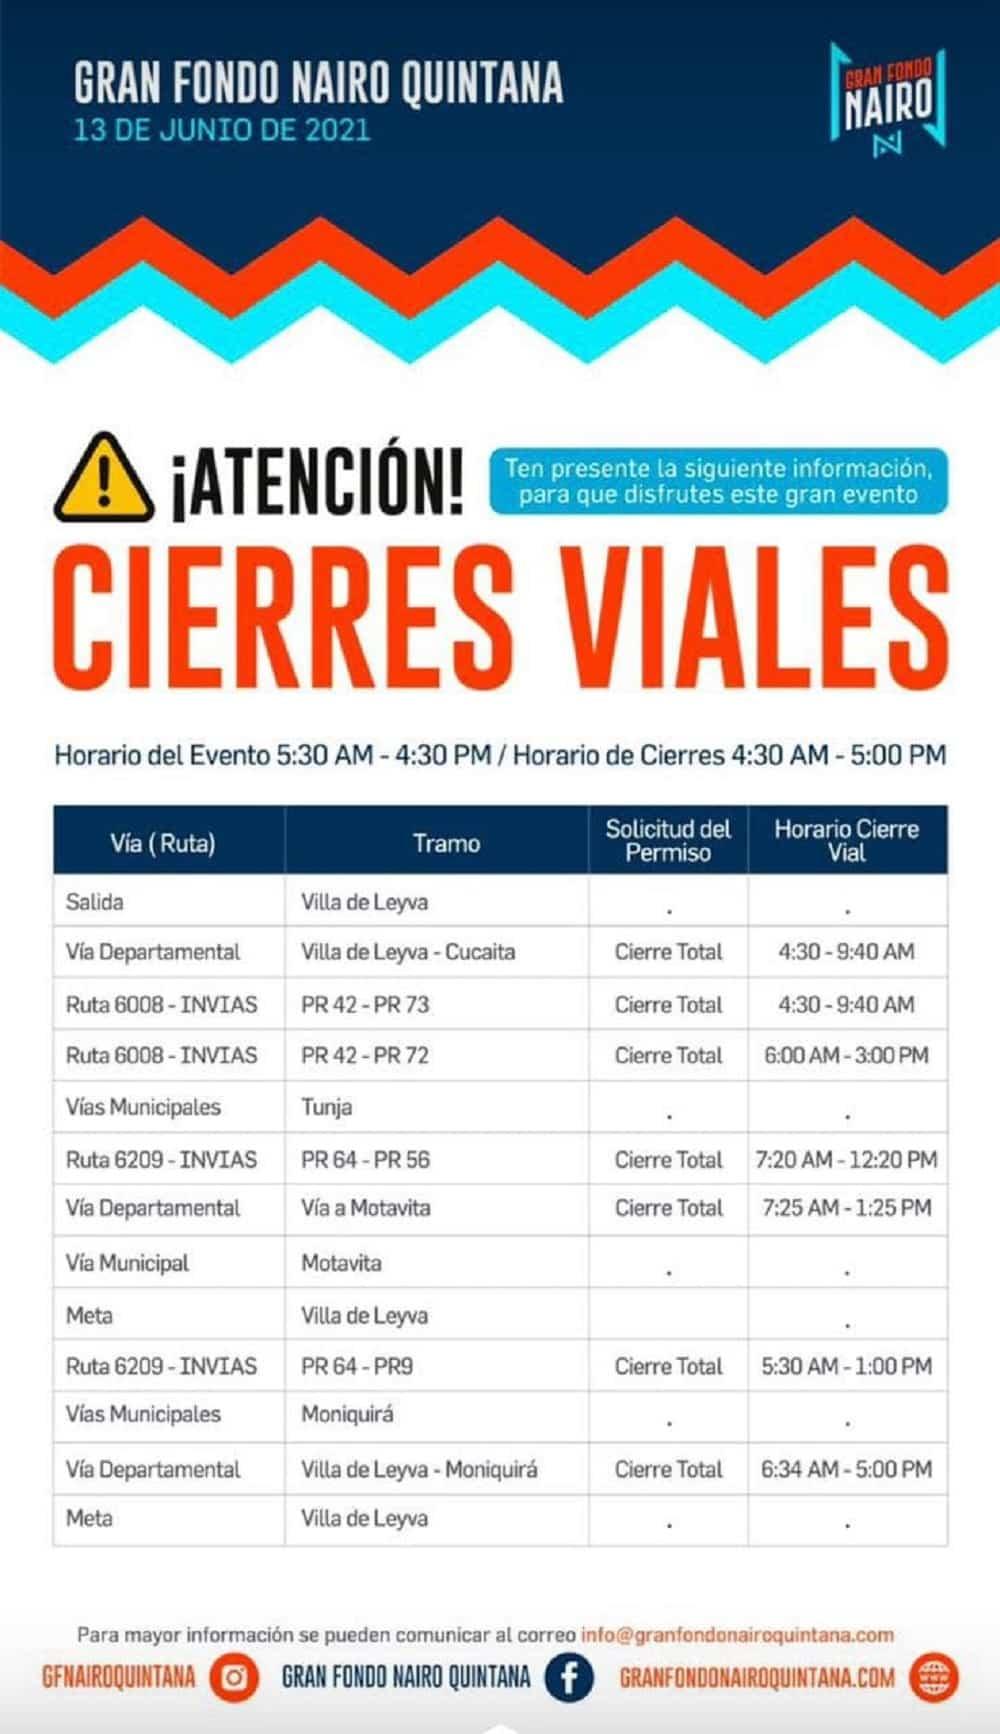 Hoy empieza el Gran Fondo Nairo Quintana en Villa de Leyva 2